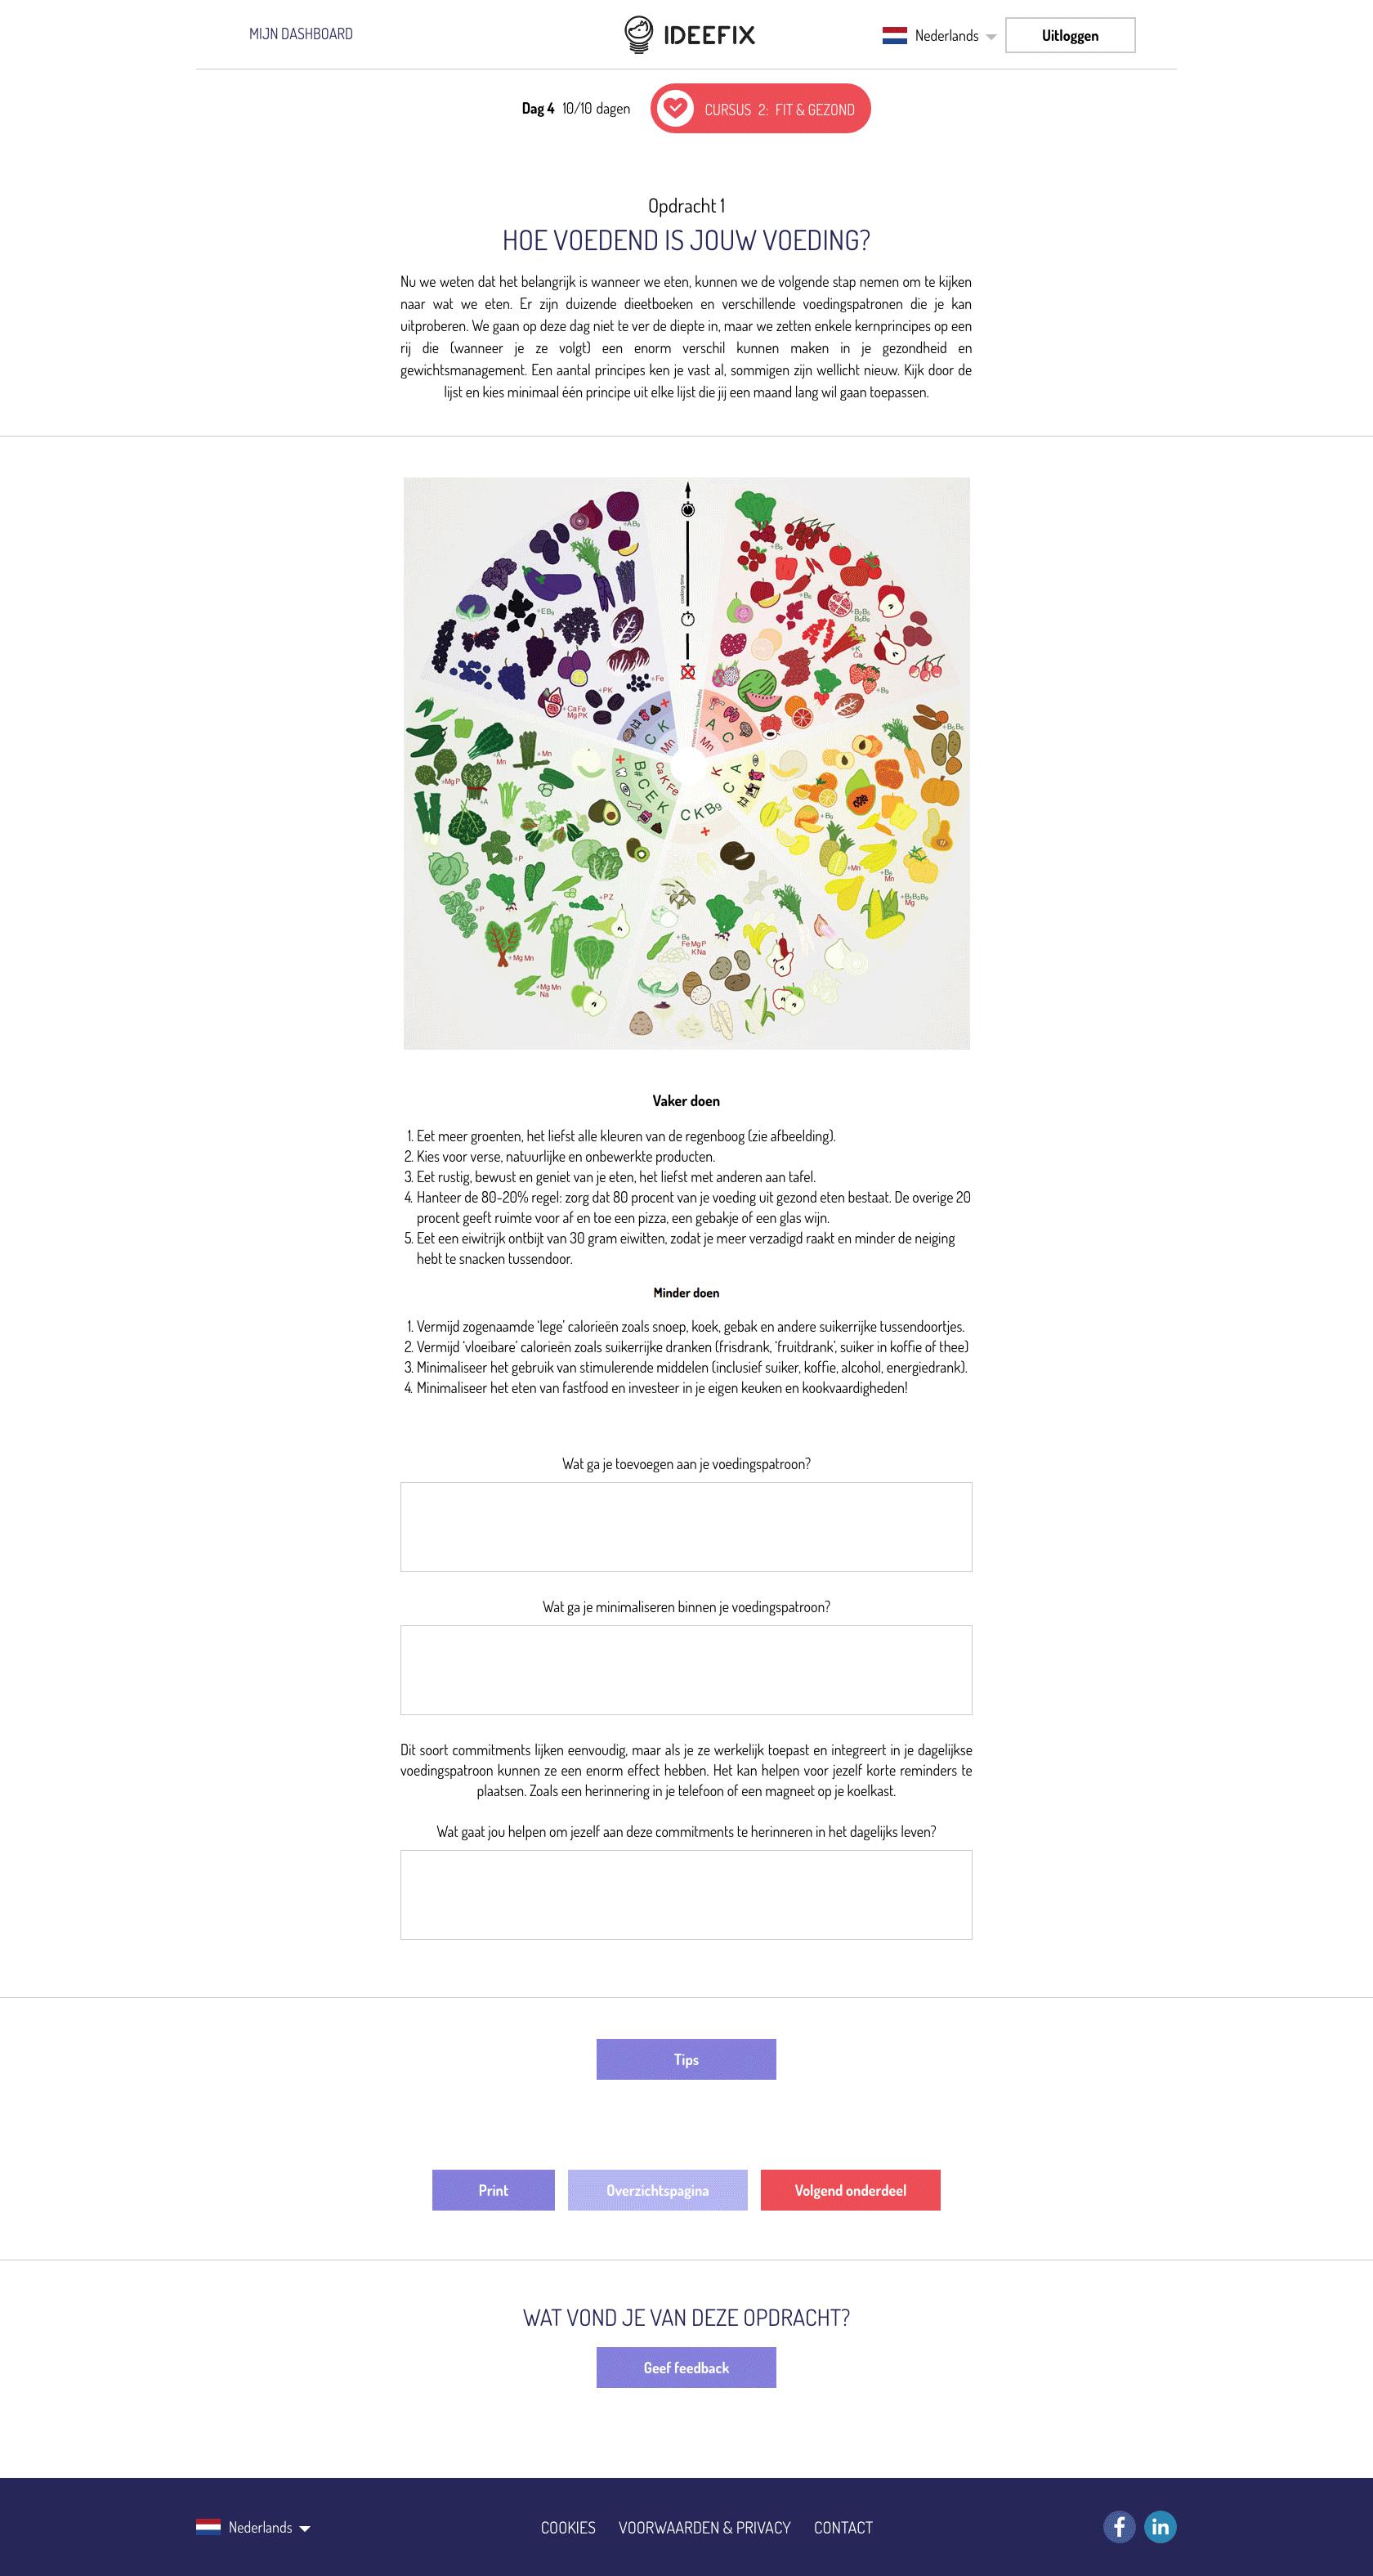 https://ideefix-cdn.s3.eu-central-1.amazonaws.com/module_screenshot/hzvTEngfAAu9uqkhhSKy_picture.png